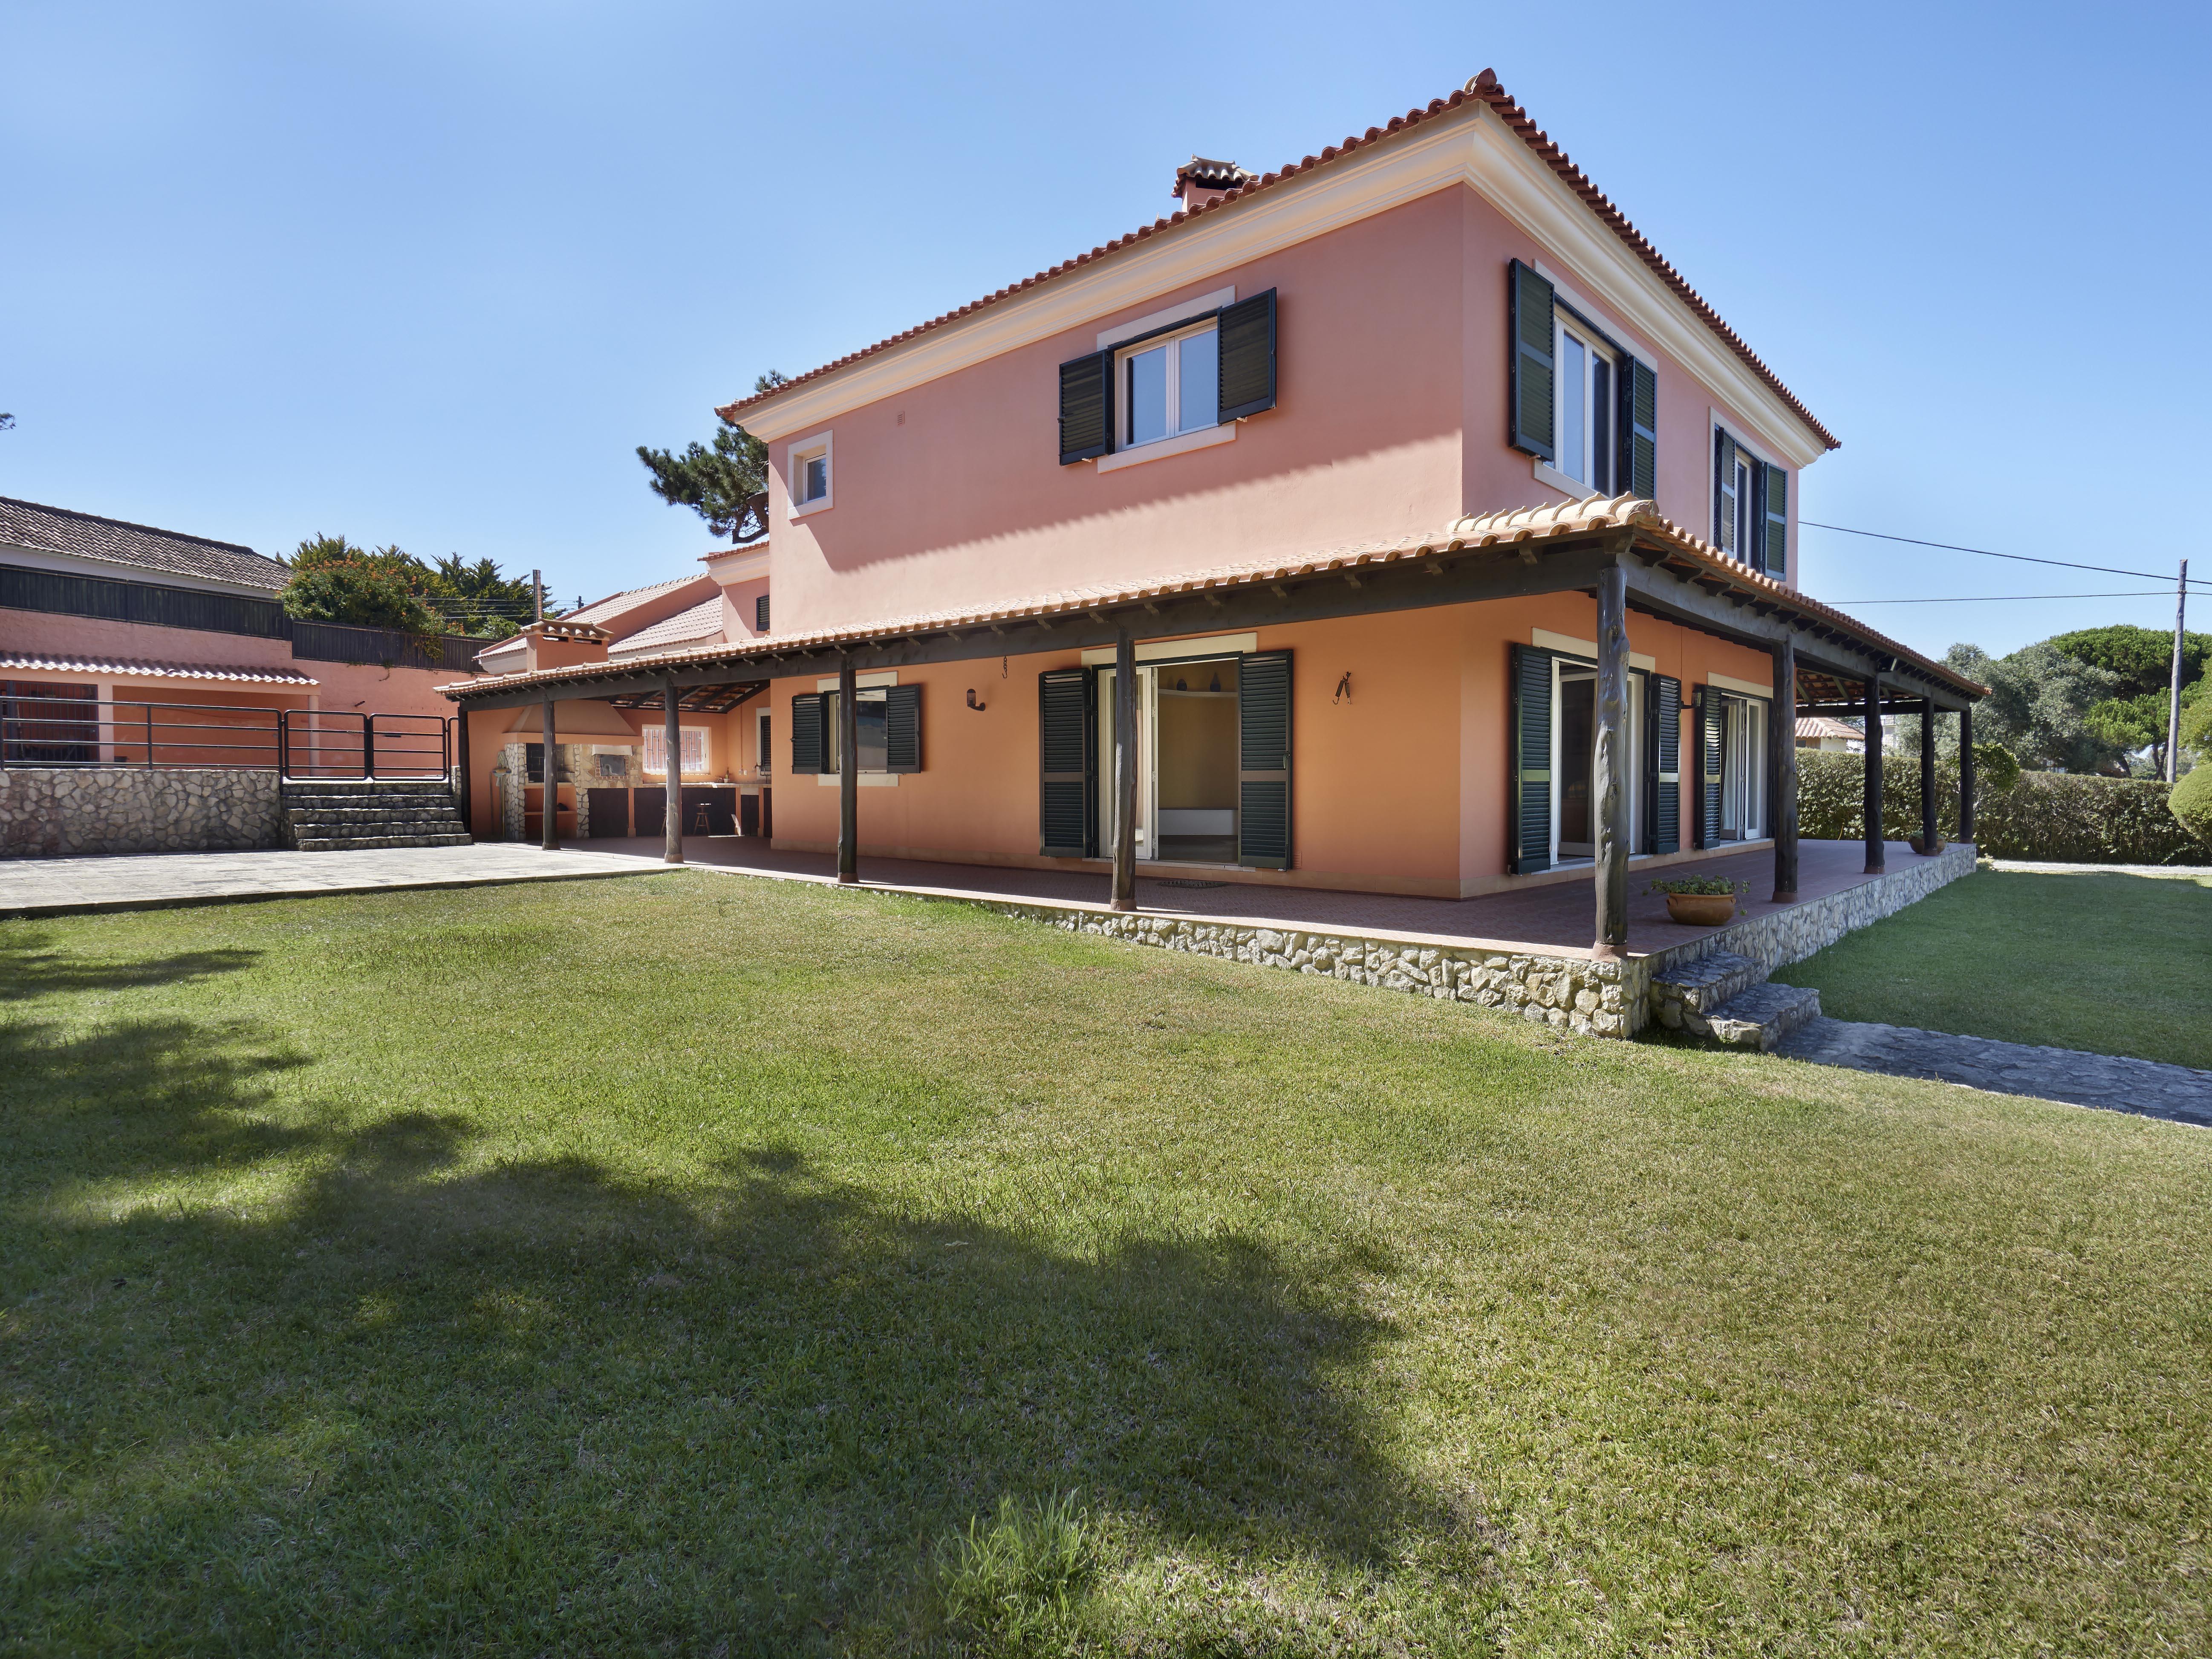 独户住宅 为 销售 在 House, 4 bedrooms, for Sale 辛特拉, 葡京, 葡萄牙